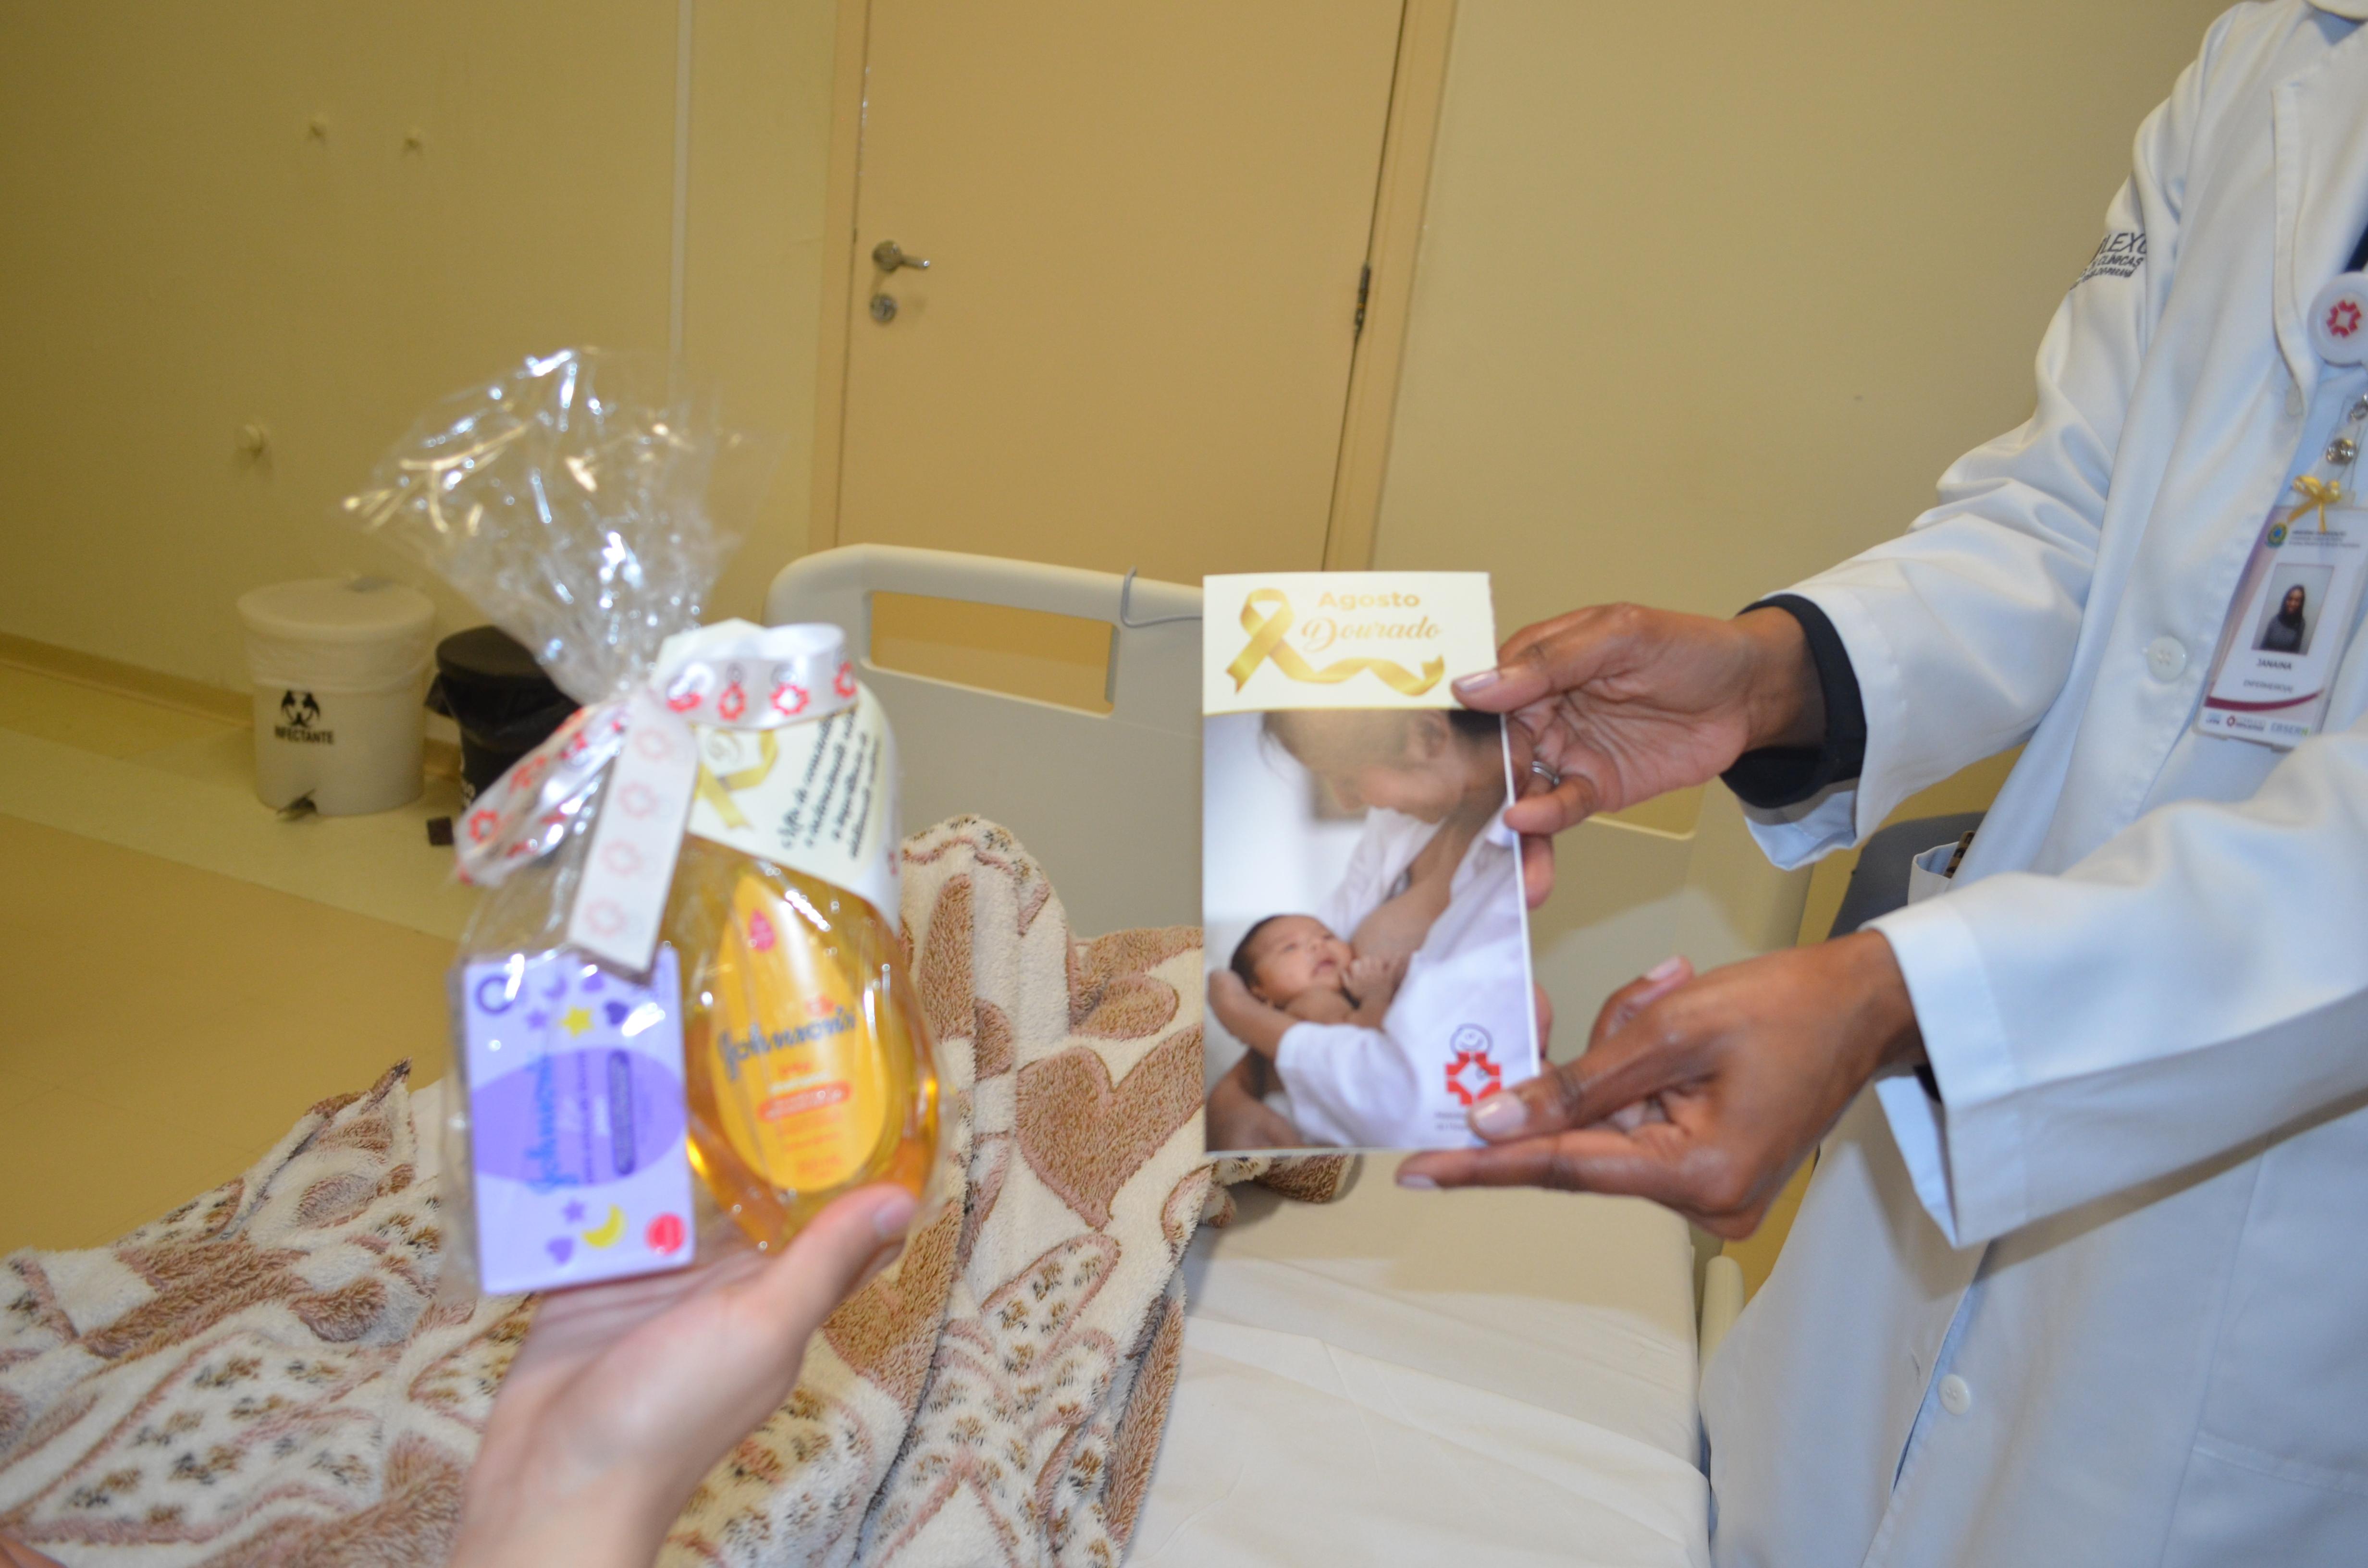 Amigos do HC entregam kits de higiene para as mães de recém-nascidos do Hospital de Clínicas em comemoração do Agosto Dourado